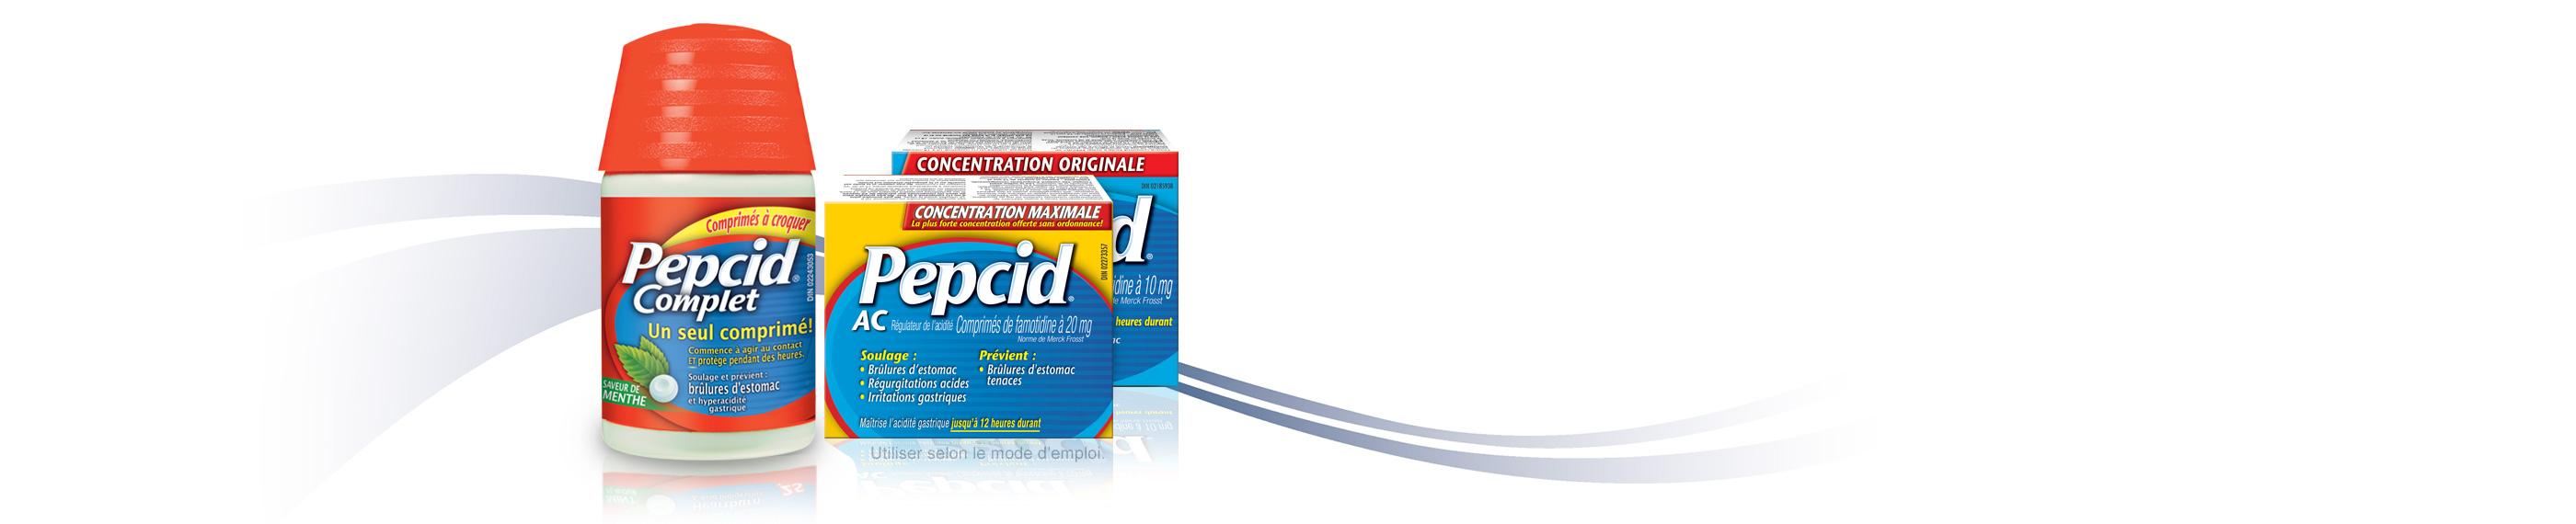 Pepcid Complet et Pepcid AC concentration maximale